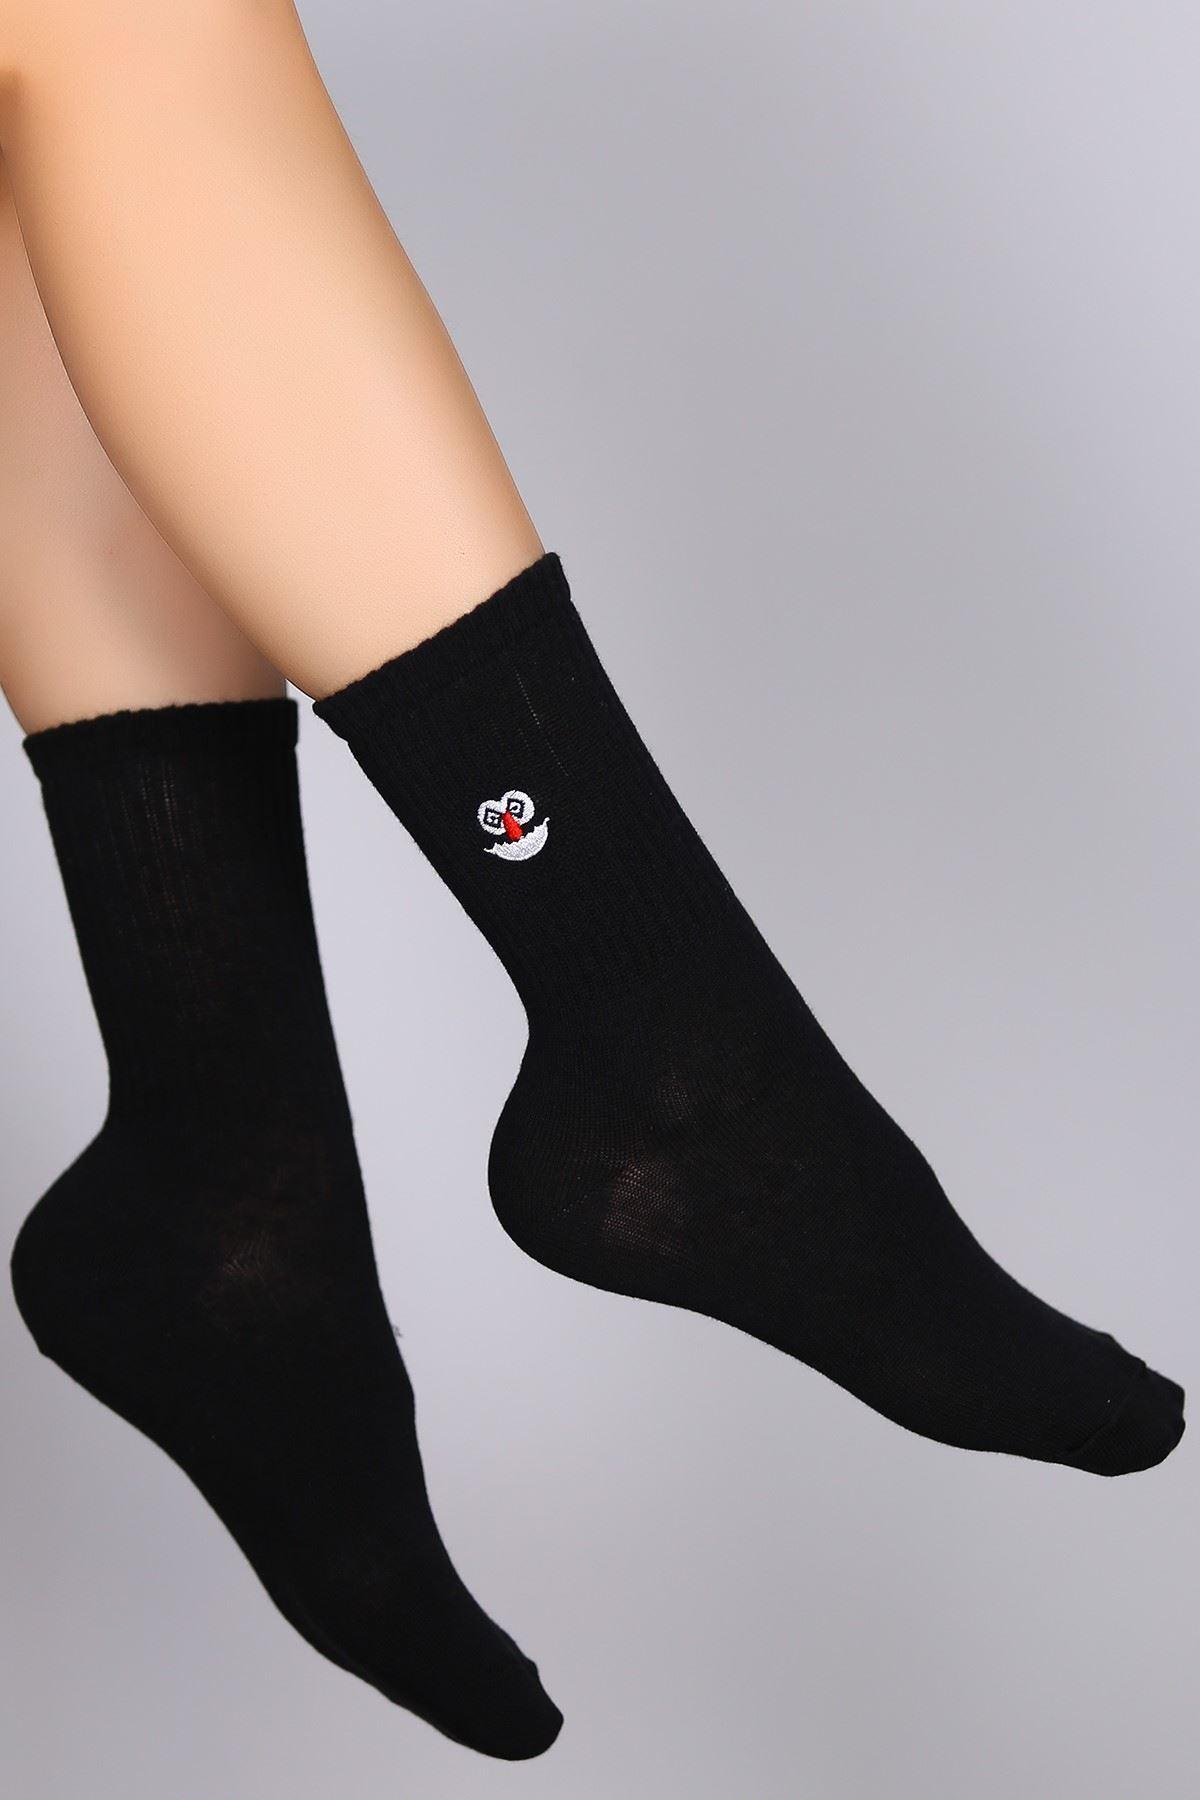 Nakışlı Soket Çorap Siyah - 10770.1114.